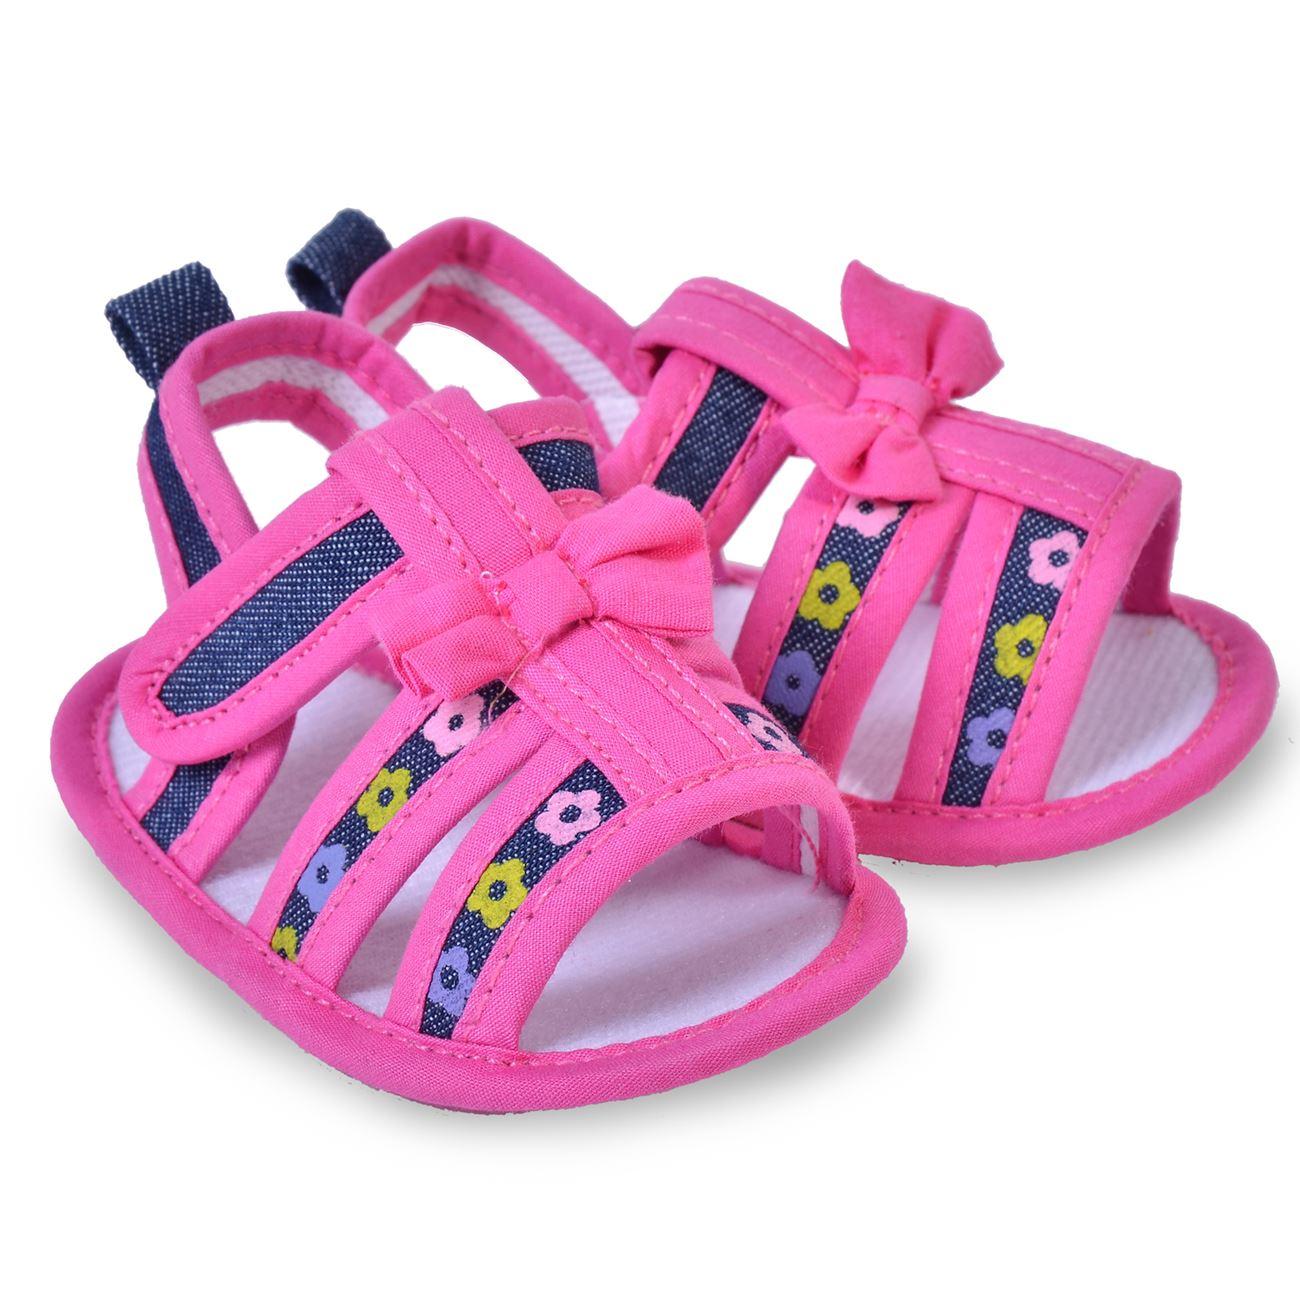 c88333f25b6 Πέδιλα Καλοκαιρινά Βρεφικά Κορίτσι · Βρεφικά Παπούτσια Φούξια Φιόγκος